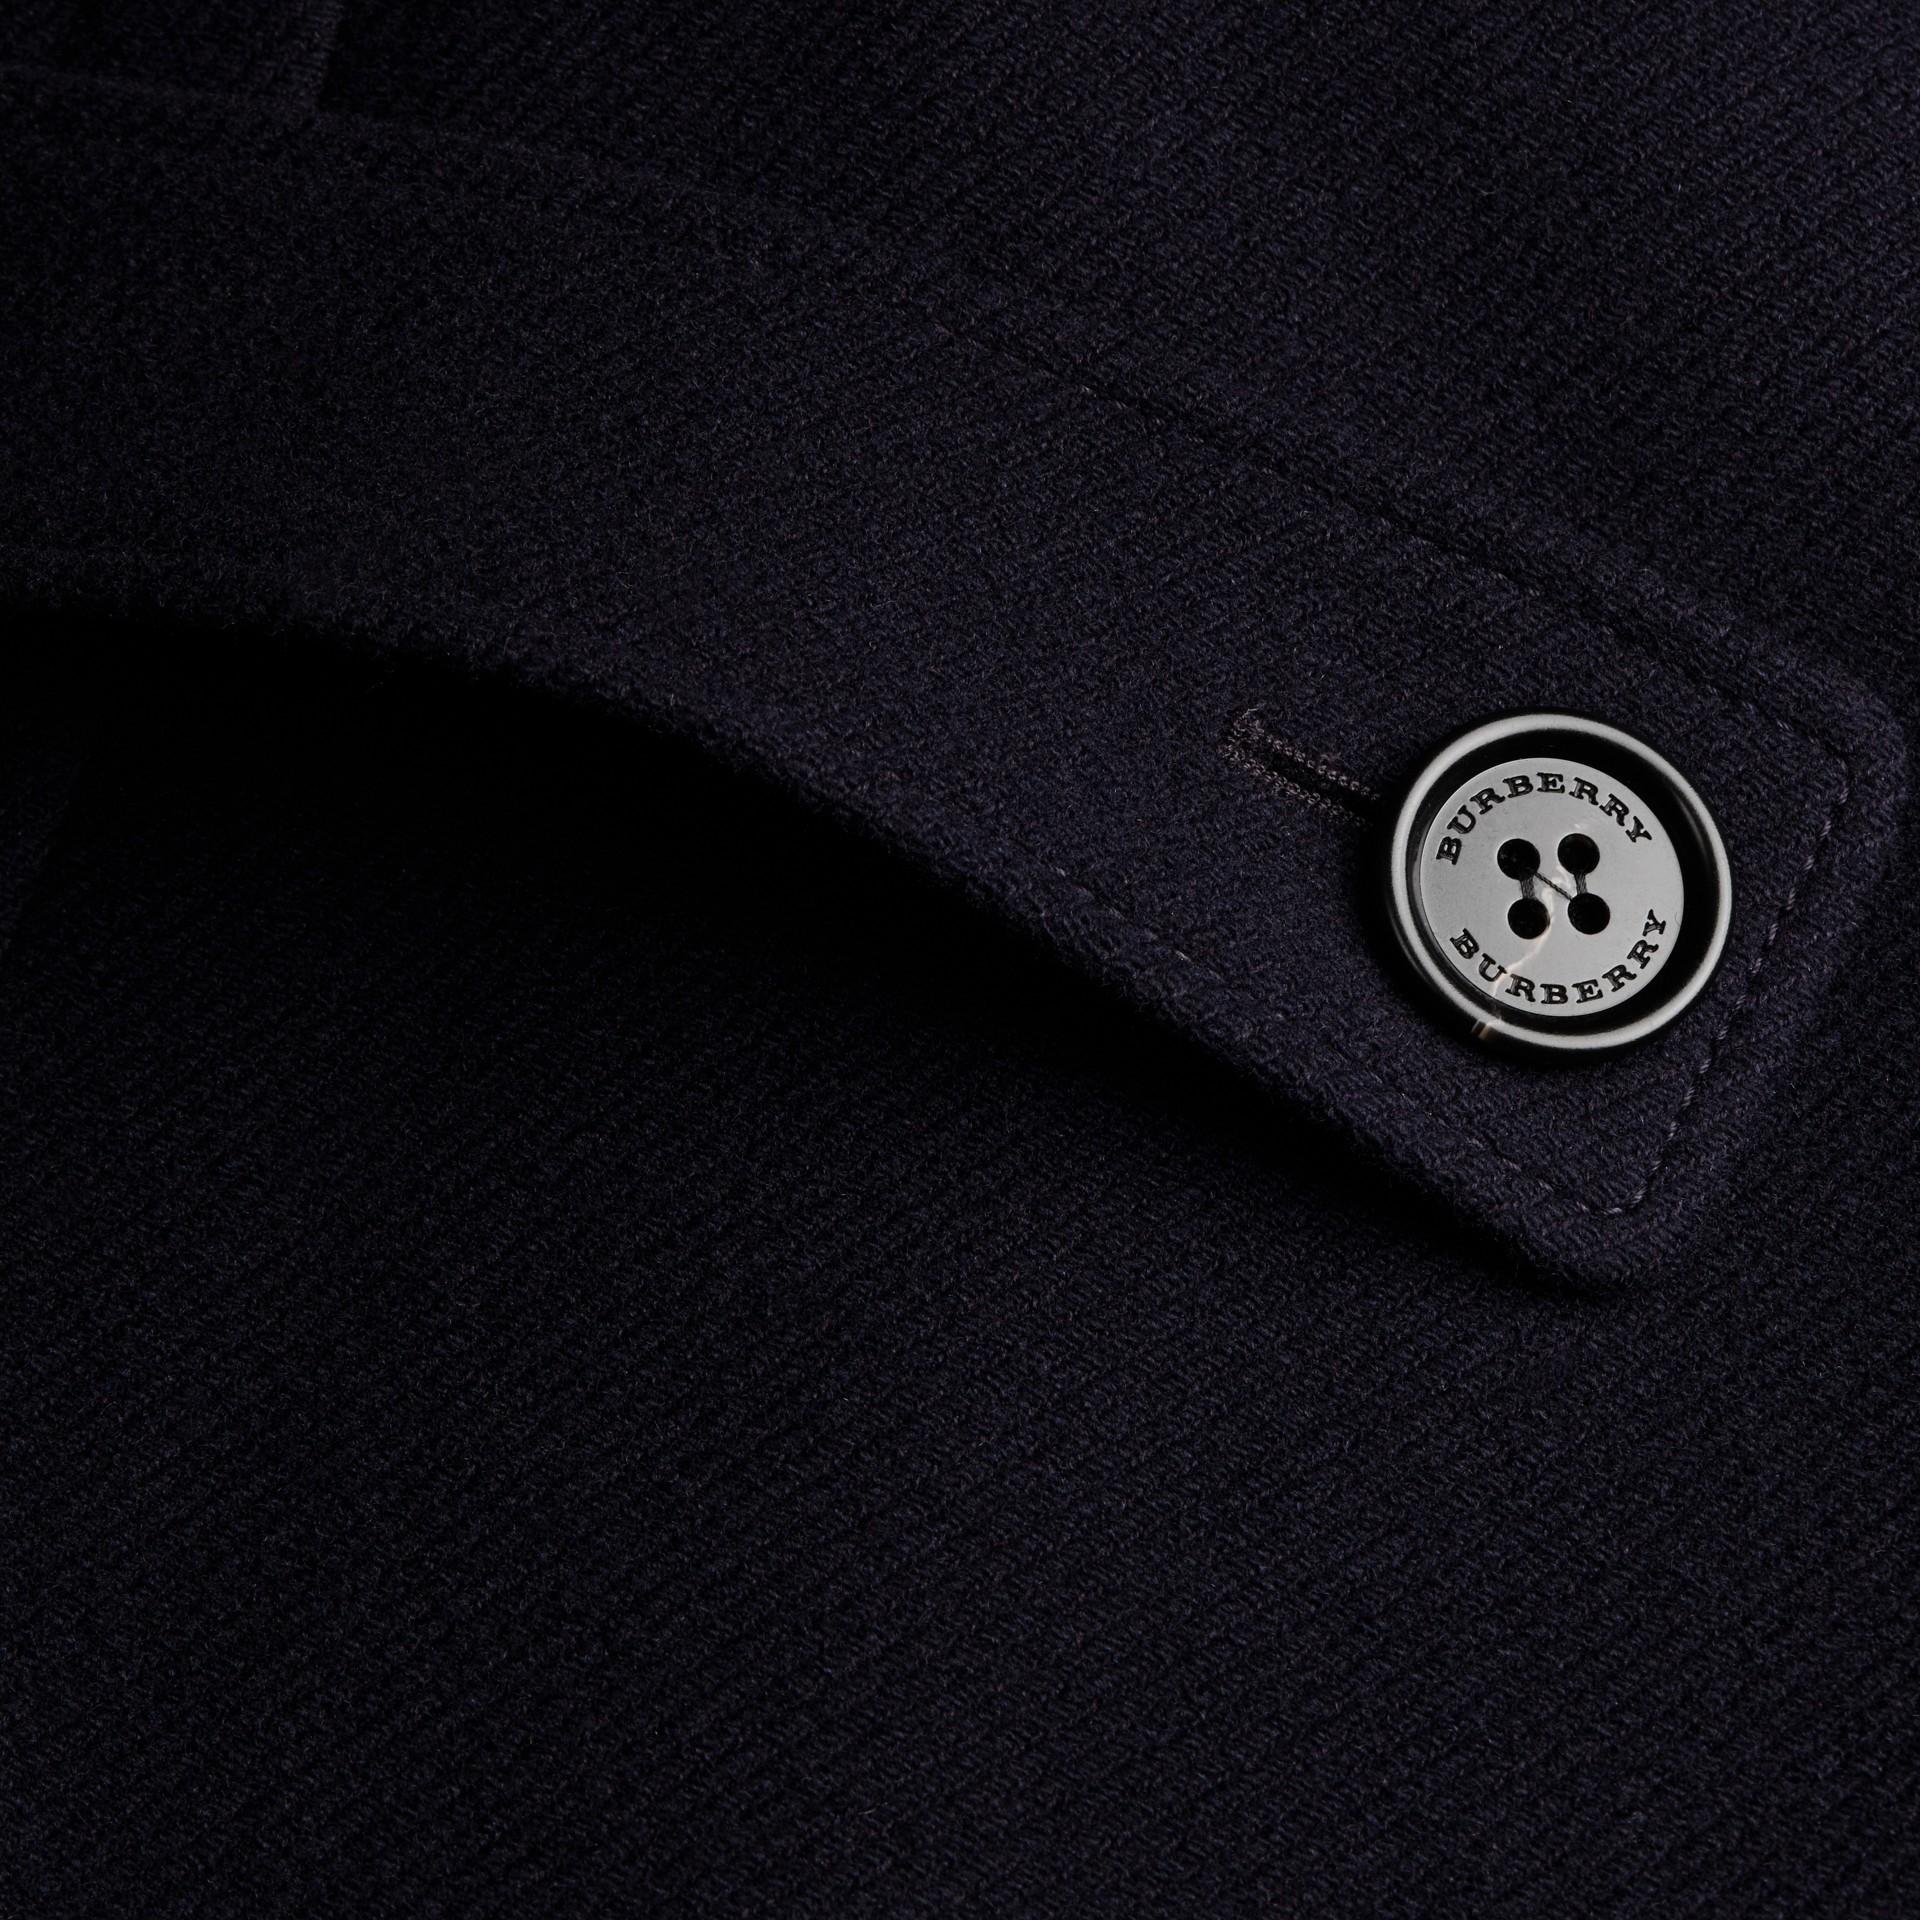 Navy Cappotto a mantella in lana e cashmere Navy - immagine della galleria 2